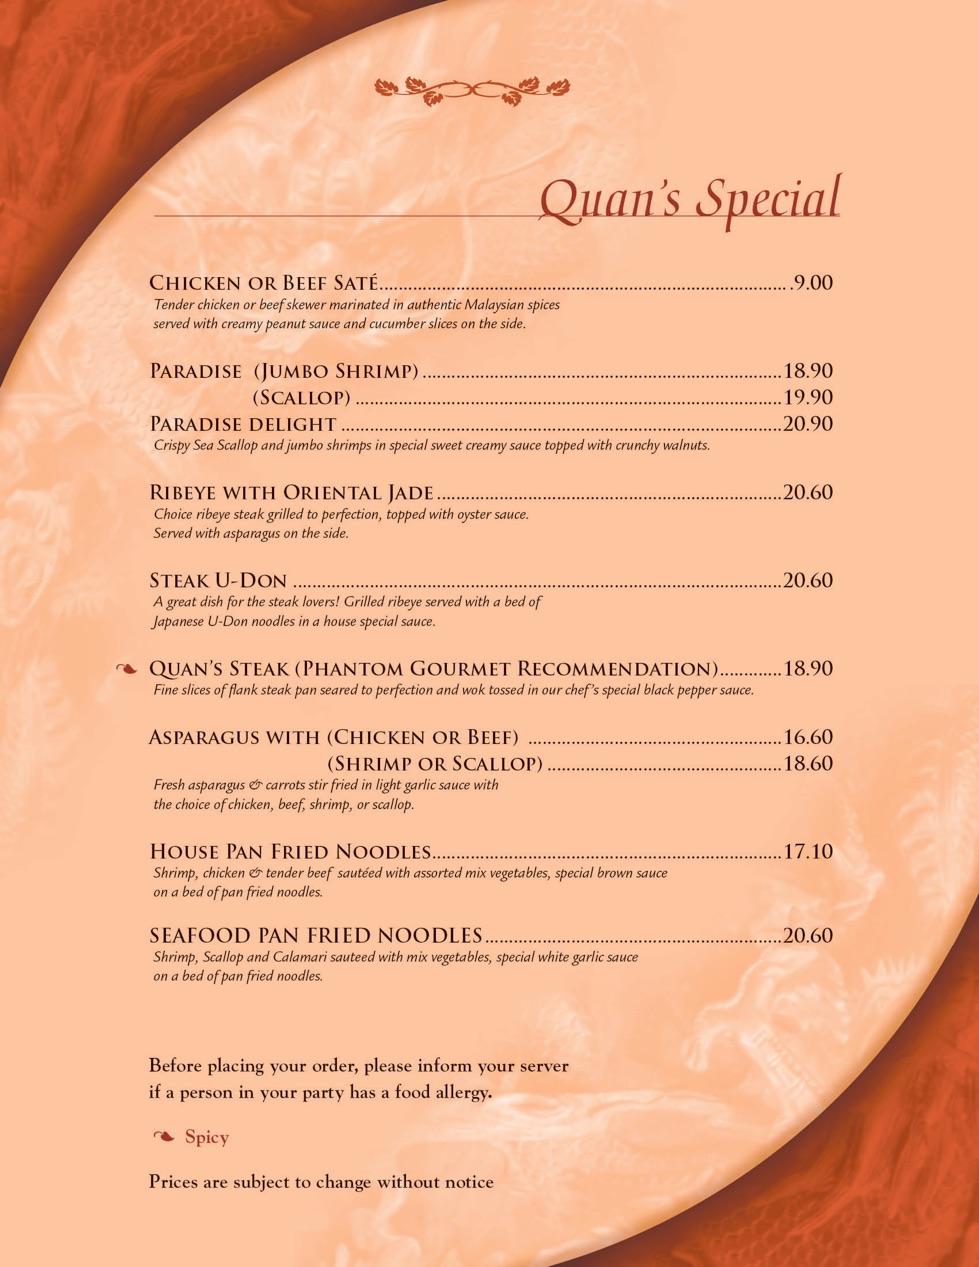 quans kitchen menu page 1 quans special